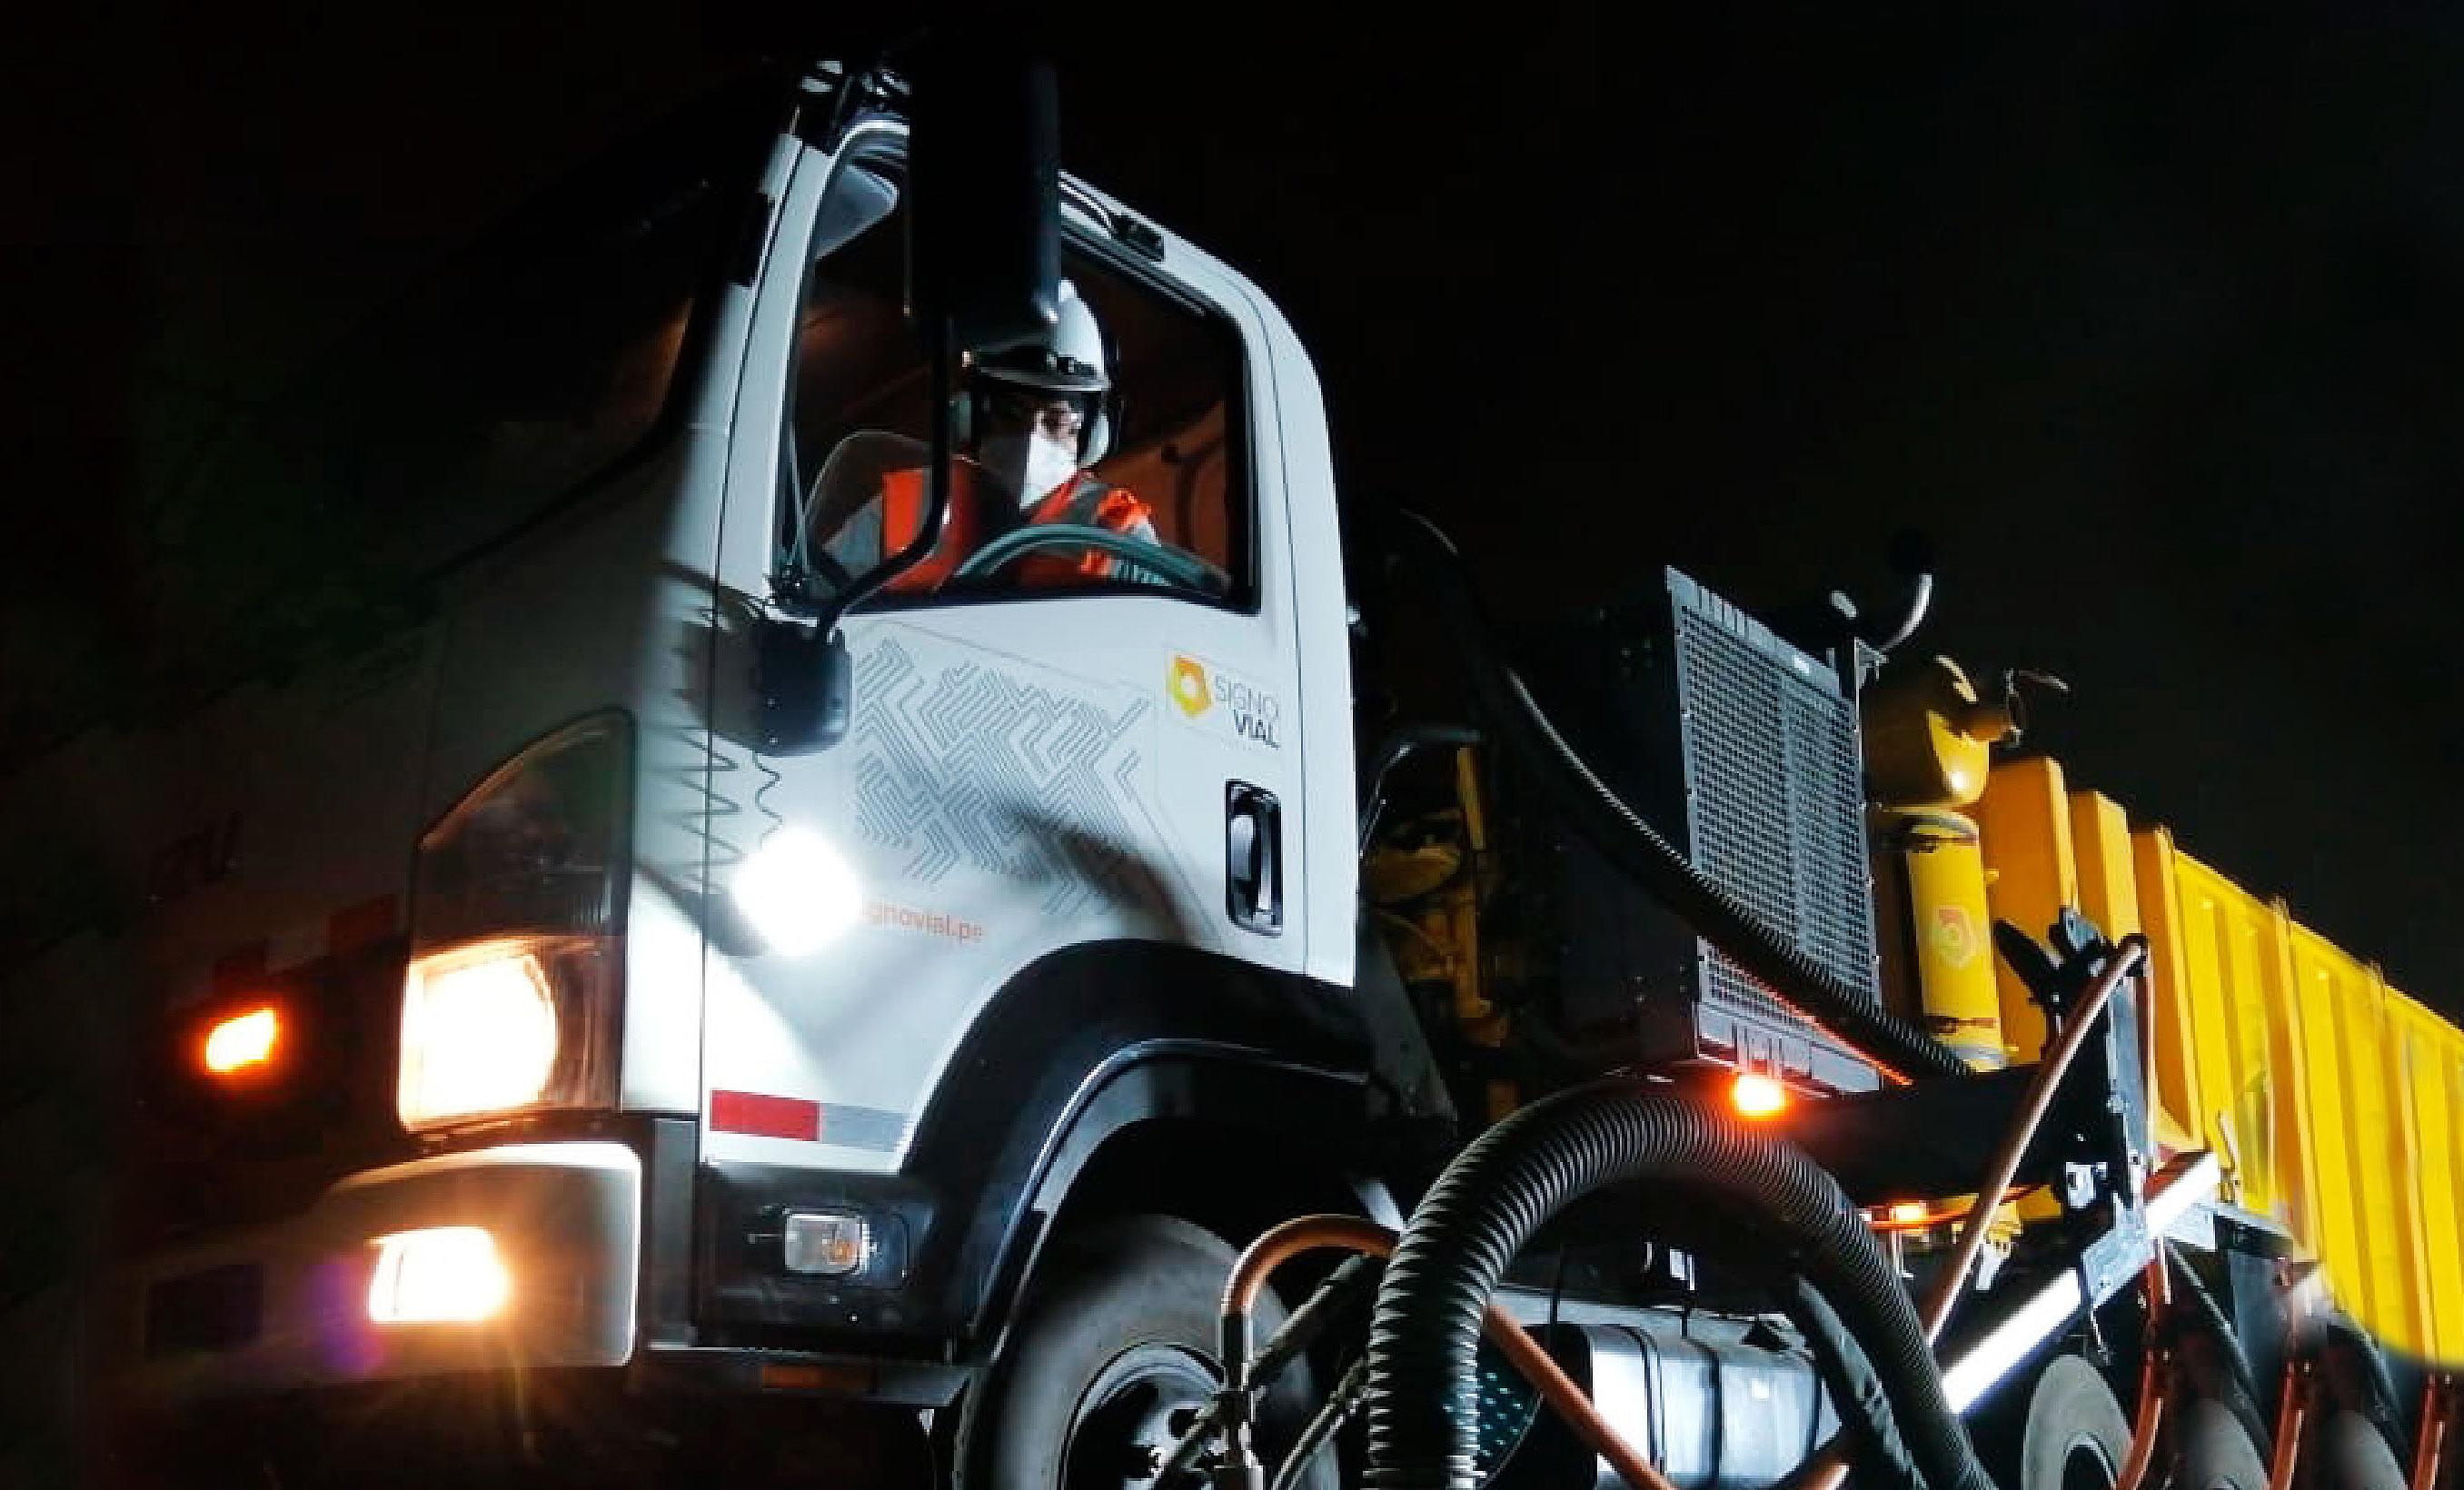 <p>Foco en Signo Vial, proveedora de productos de señalización e infraestructura vial</p>